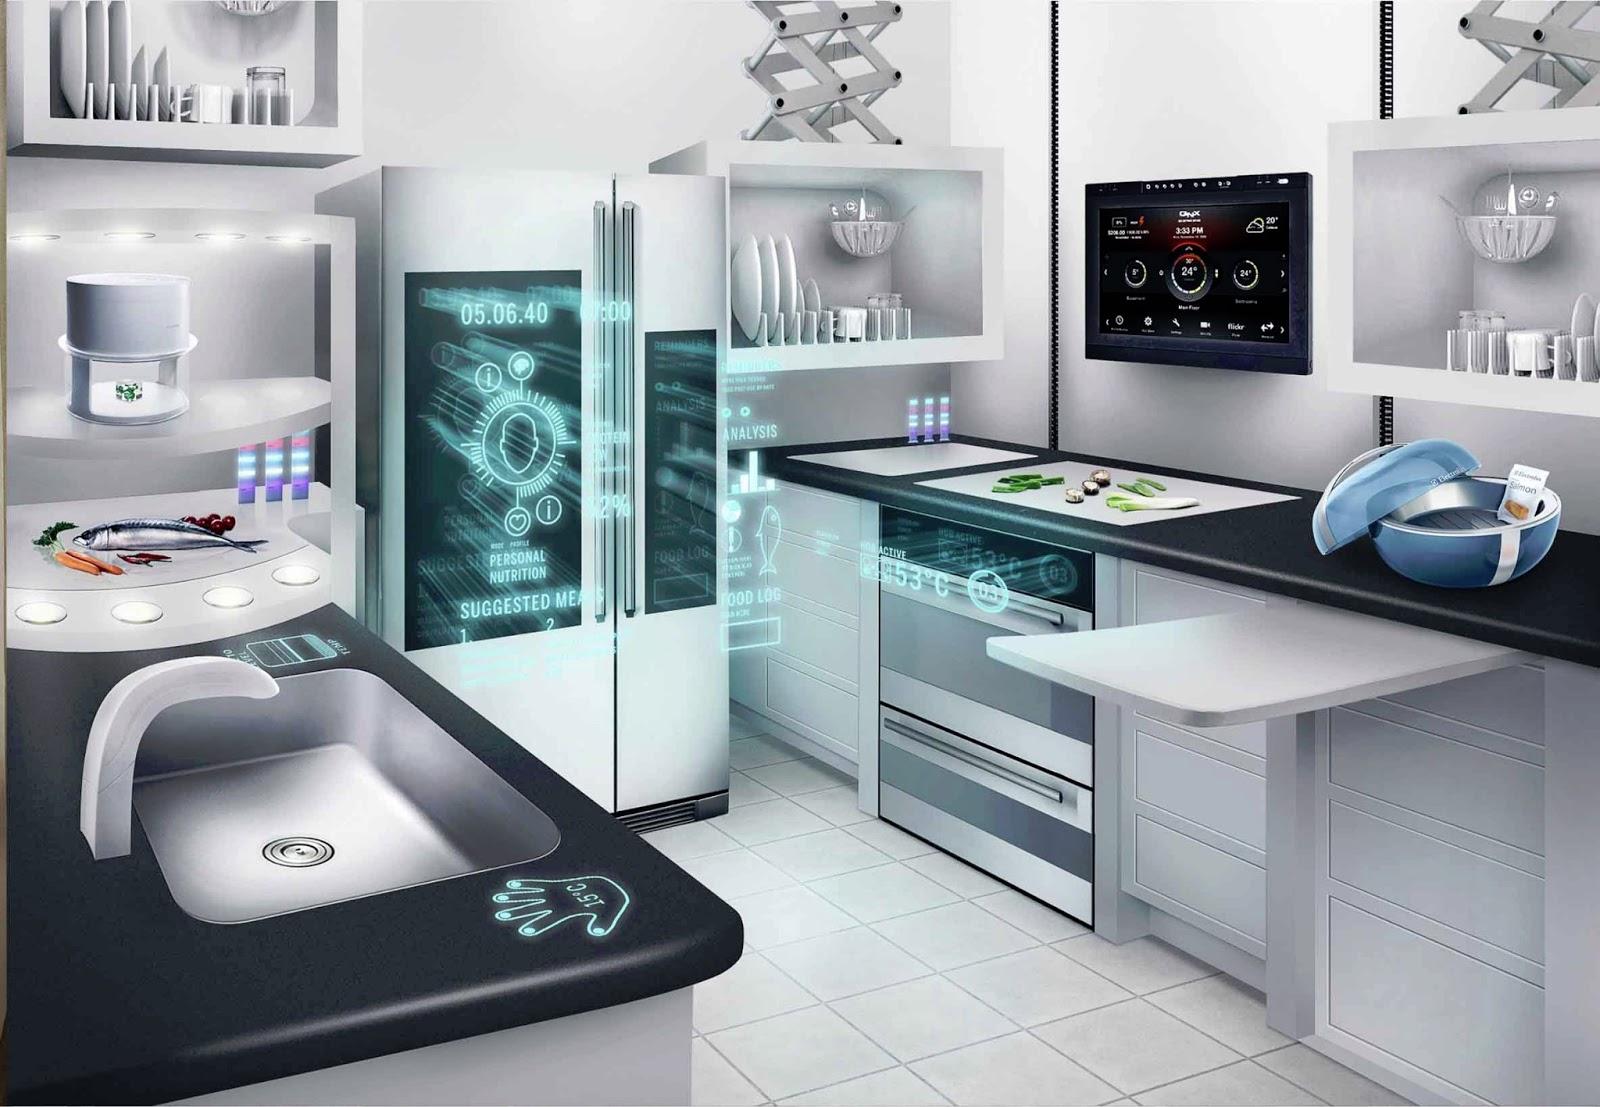 Uncategorized High Tech Kitchen Appliances network connected appliances for future kitchens